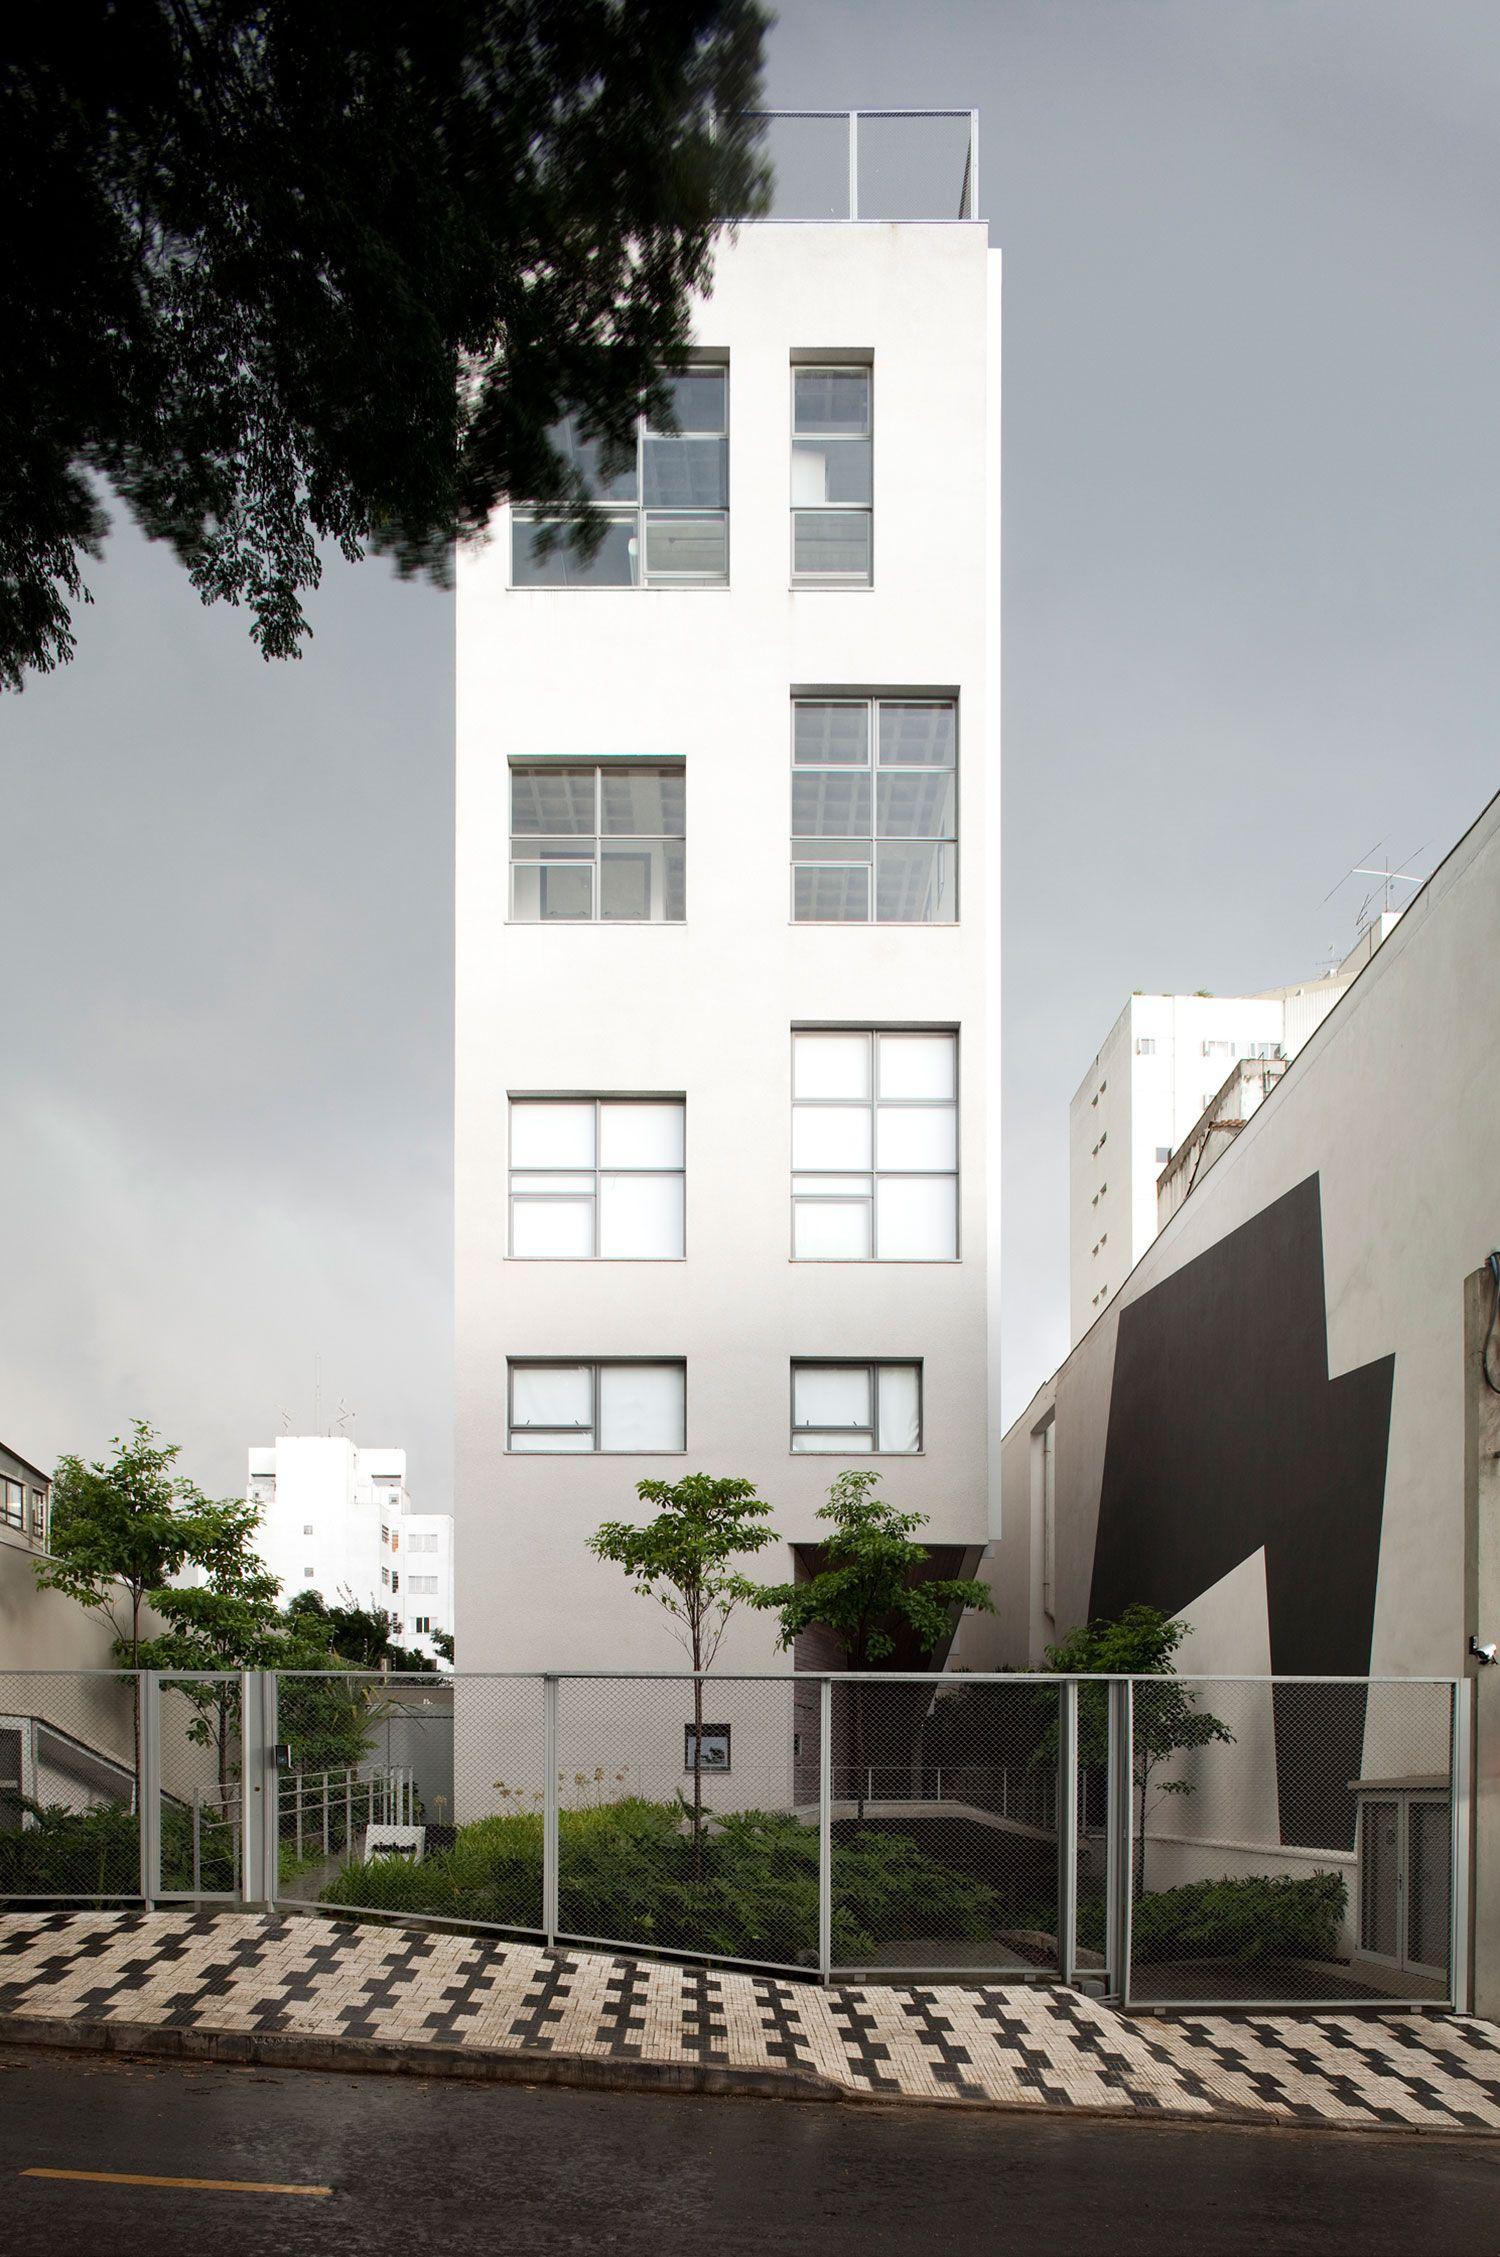 Um prédio de arquitetura contemporânea, projetado pelo premiado escritório Andrade Morettin, o Aimberê tem uma fachada que com certeza vai continuar bonita daqui a 100 anos. São poucos andares e unidades, com plantas flexíveis e customizáveis, em um bairro bacana, cheio de praças e próximo do agito da Vila Madalena.